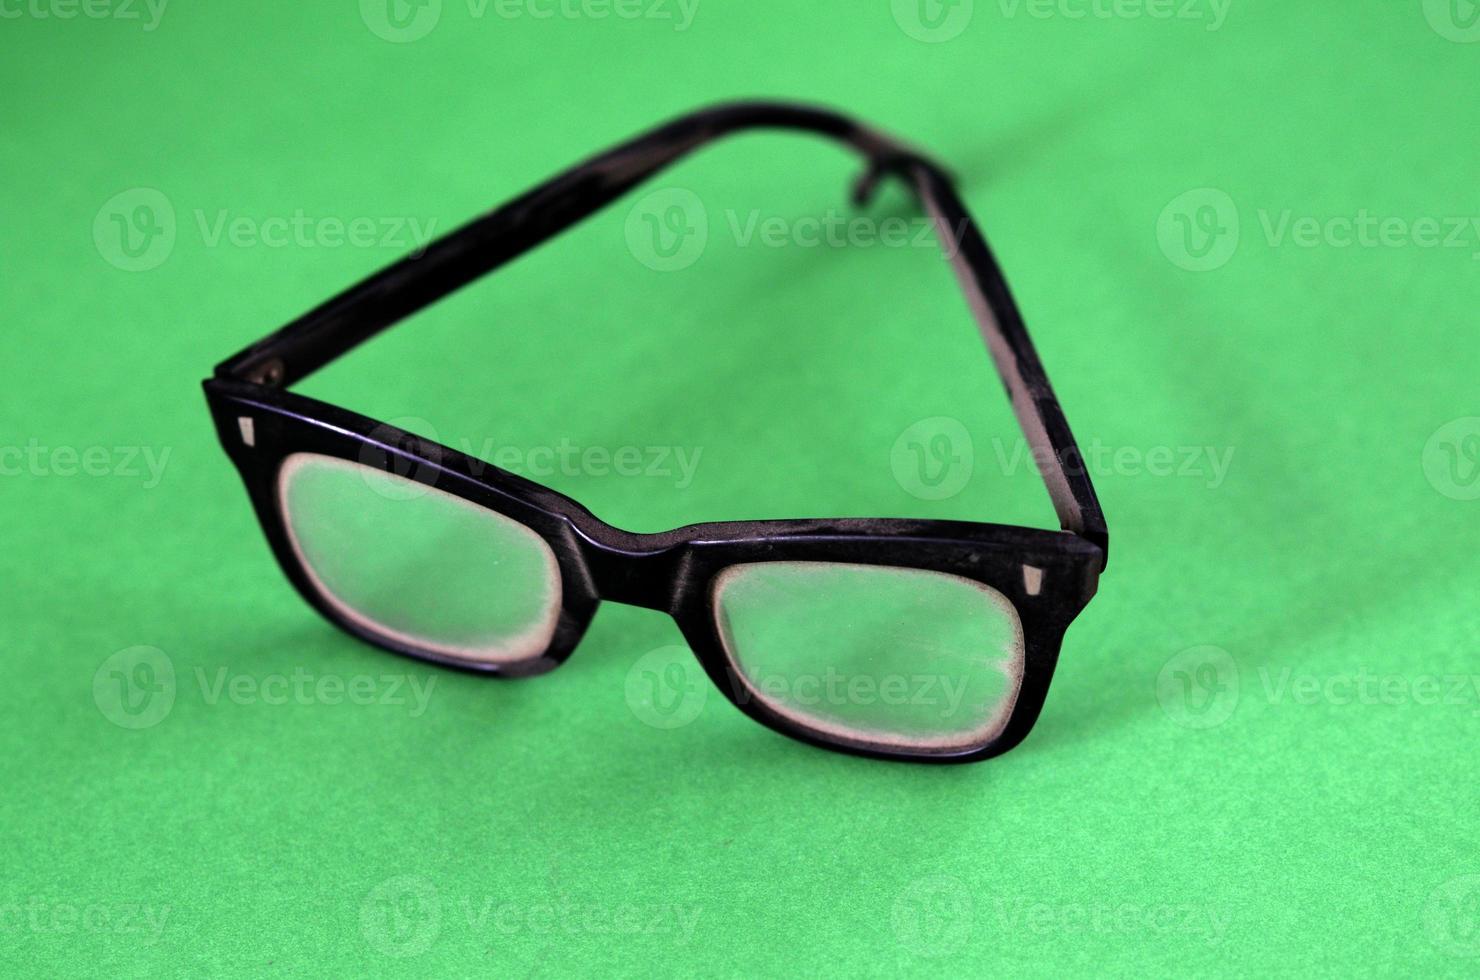 Black Plastic Glasses photo